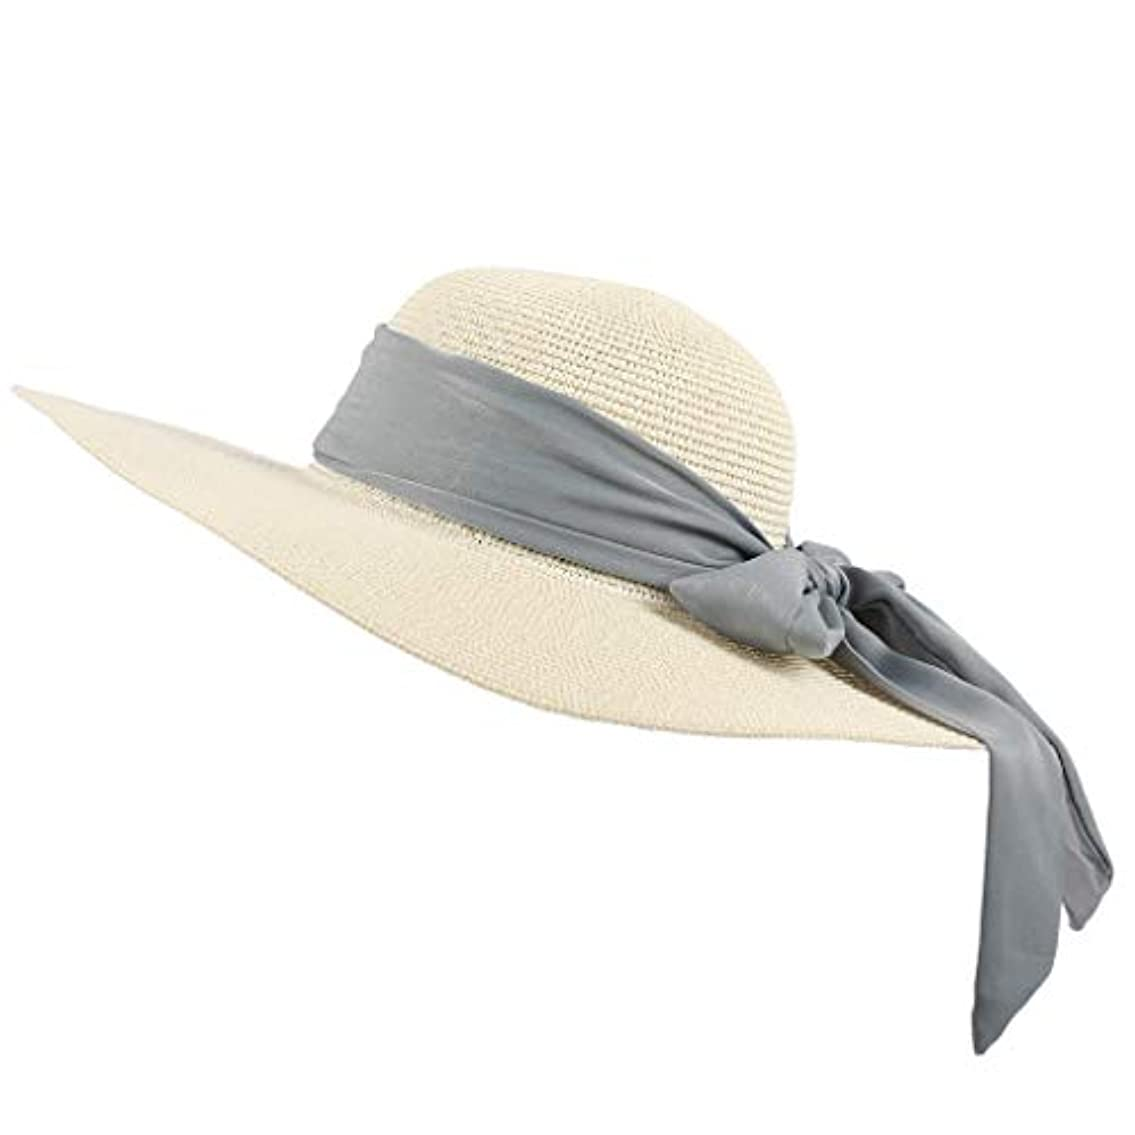 火星医薬ビスケット帽子 レディース ROSE ROMAN UVカット ハット 紫外線対策 可愛い 小顔効果抜群 日よけ つば広 おしゃれ 可愛い 夏季 海 旅行 無地 ビーチ 海辺 ワイルド パーティー ダンスパーティー パーティー シンプル 発送